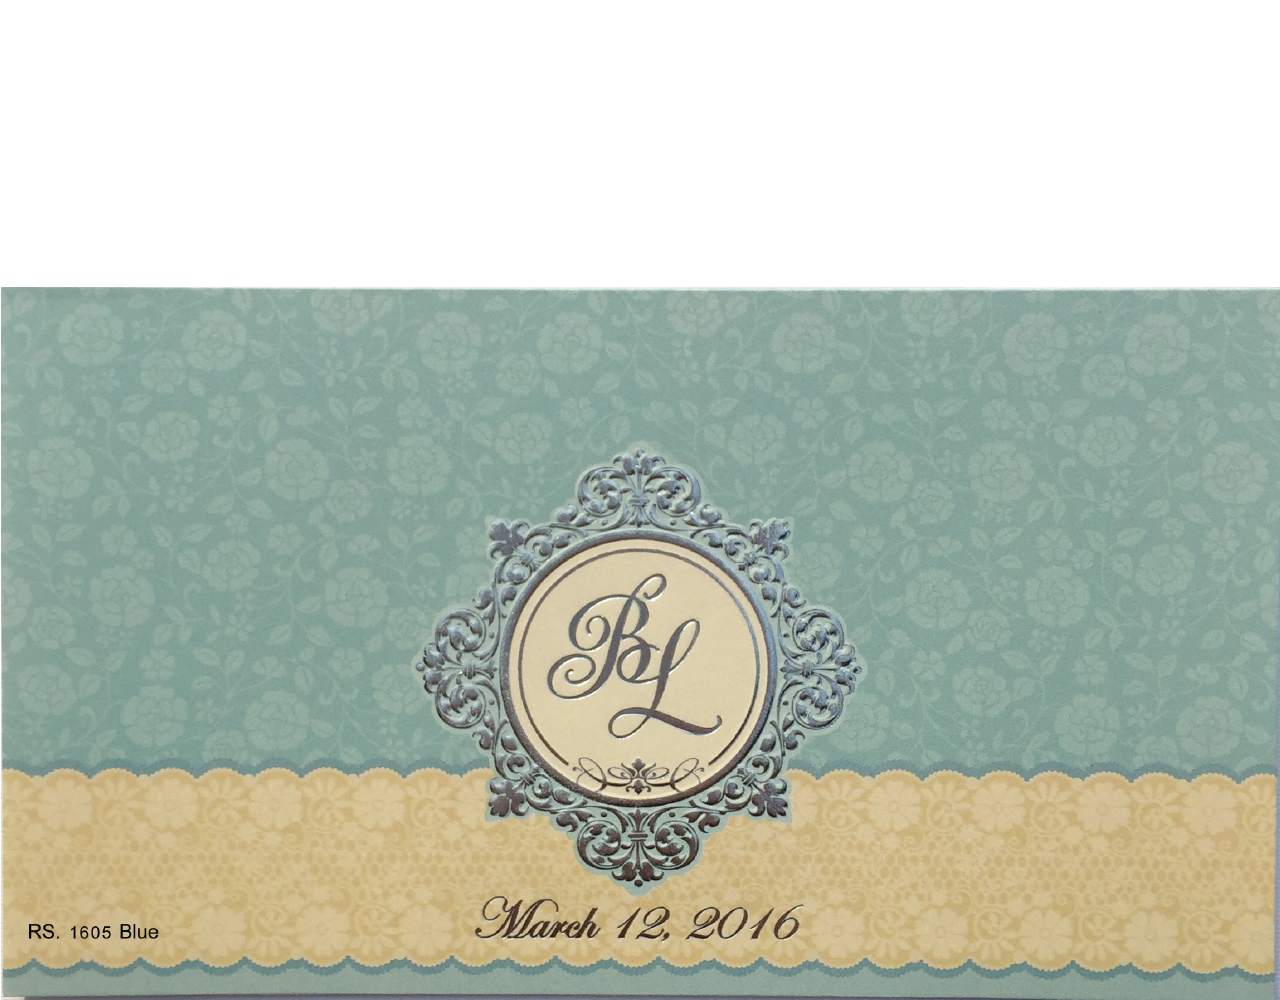 การ์ดแต่งงาน การ์ดเชิญแต่งงาน สีครีมฟ้า ราคาถูกๆ ปั๊มนูน ลายดอกไม้ wedding card 4x7.5 inch RS 1605